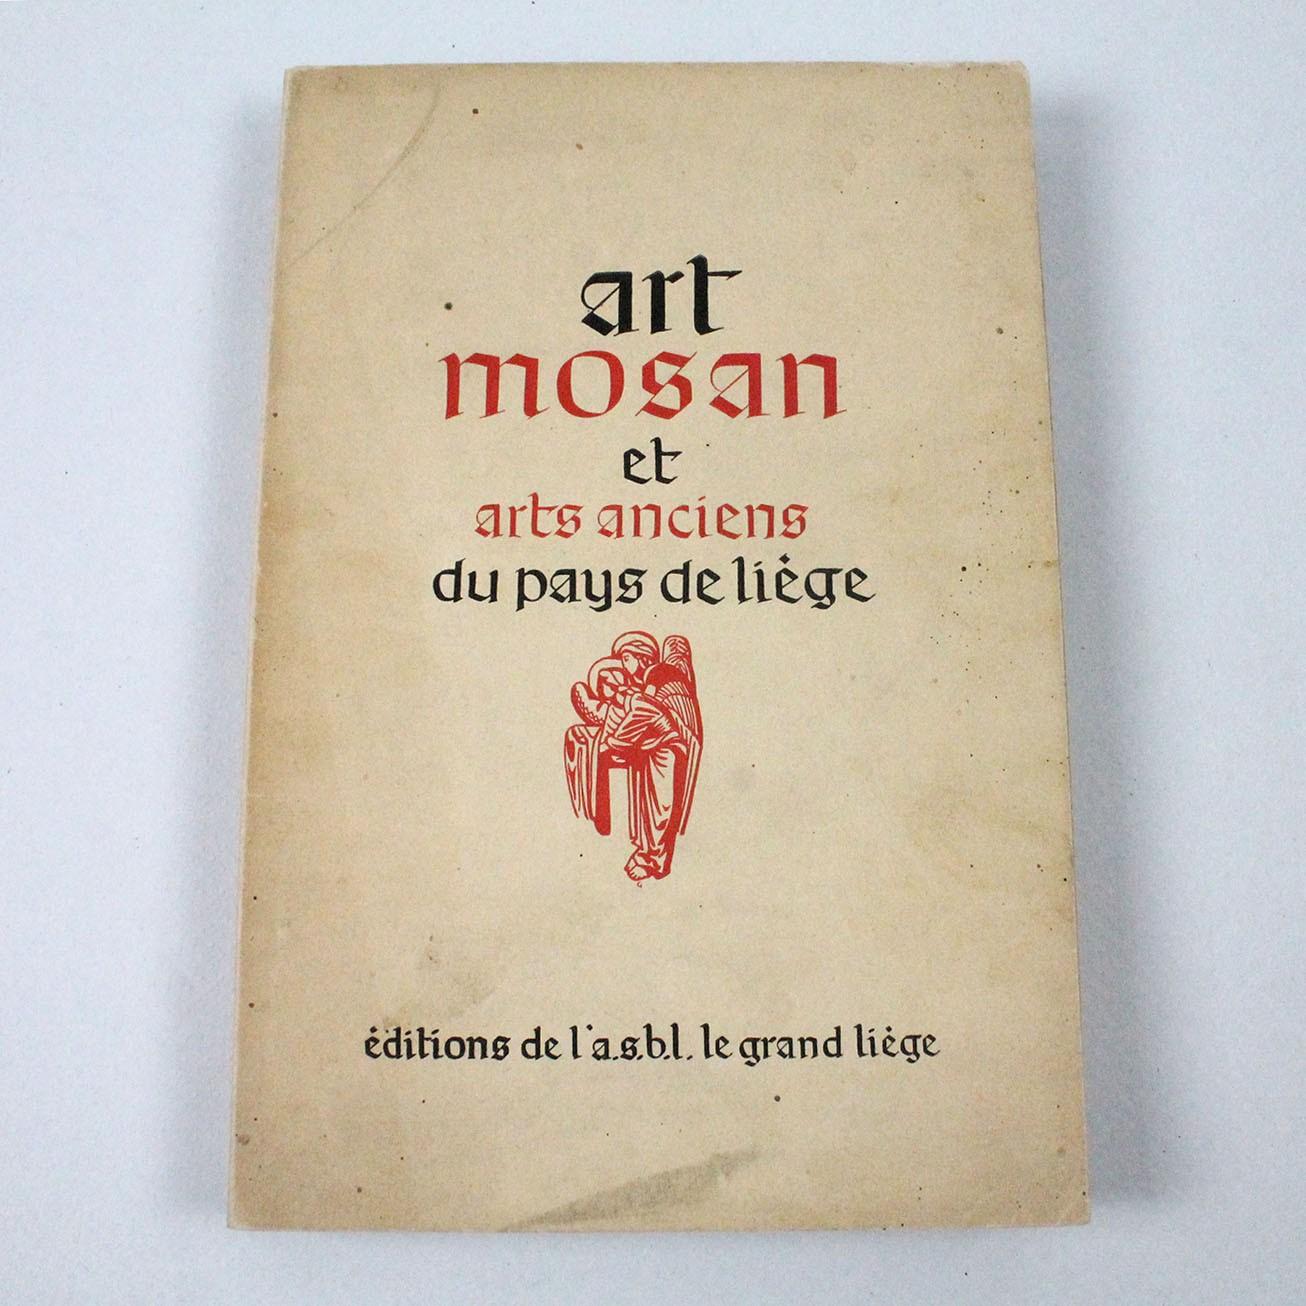 LIBFR-ART MOSAN ET ARTS ANIENS DU PAYS DE LIÈGE